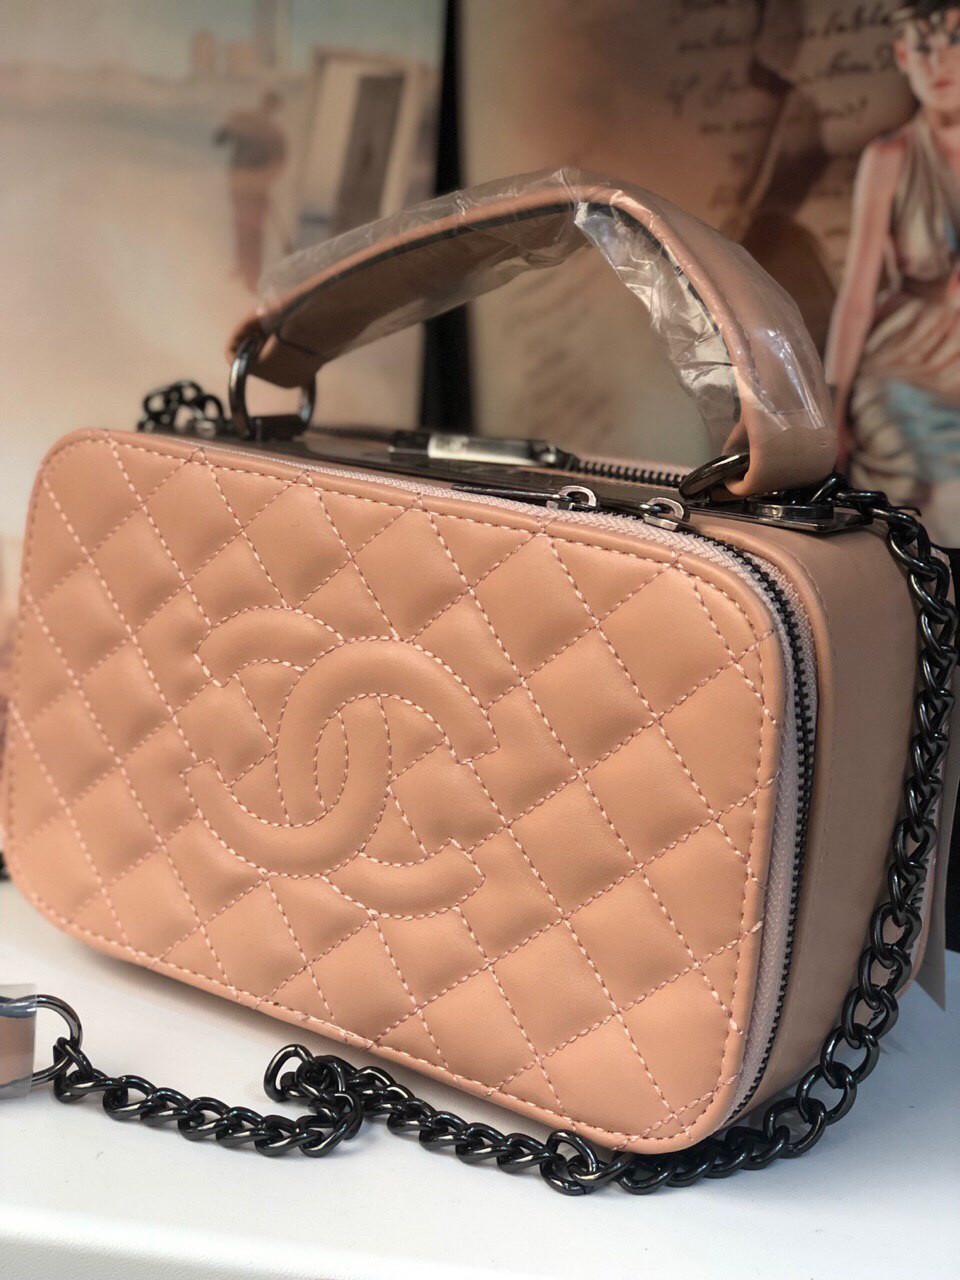 1042e4582a95 Сумка Клатч Шанель реплика Chanel саквояж pink: продажа, цена в ...